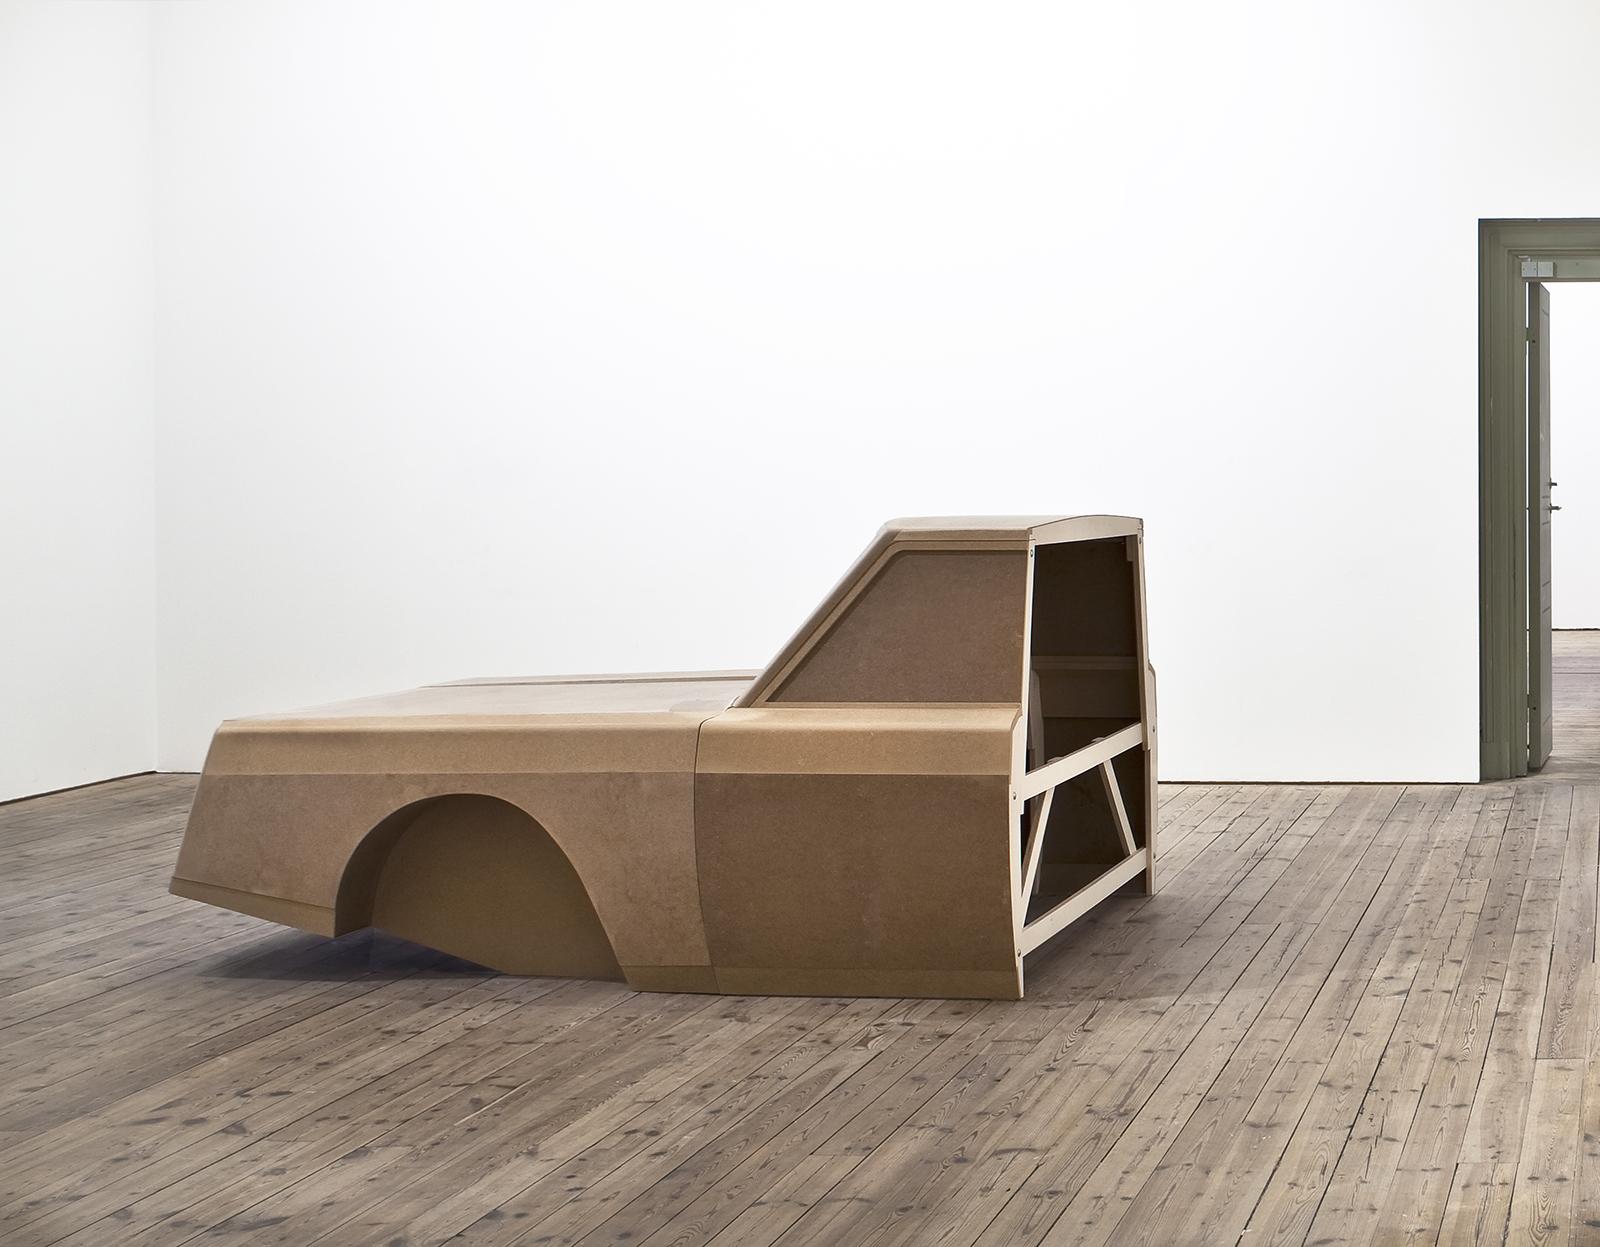 """Karin Ohlin, """"Glömska"""" (Oblivion), 2010, mdf, poppel plywood, 240 x 165 x 120 cm,"""